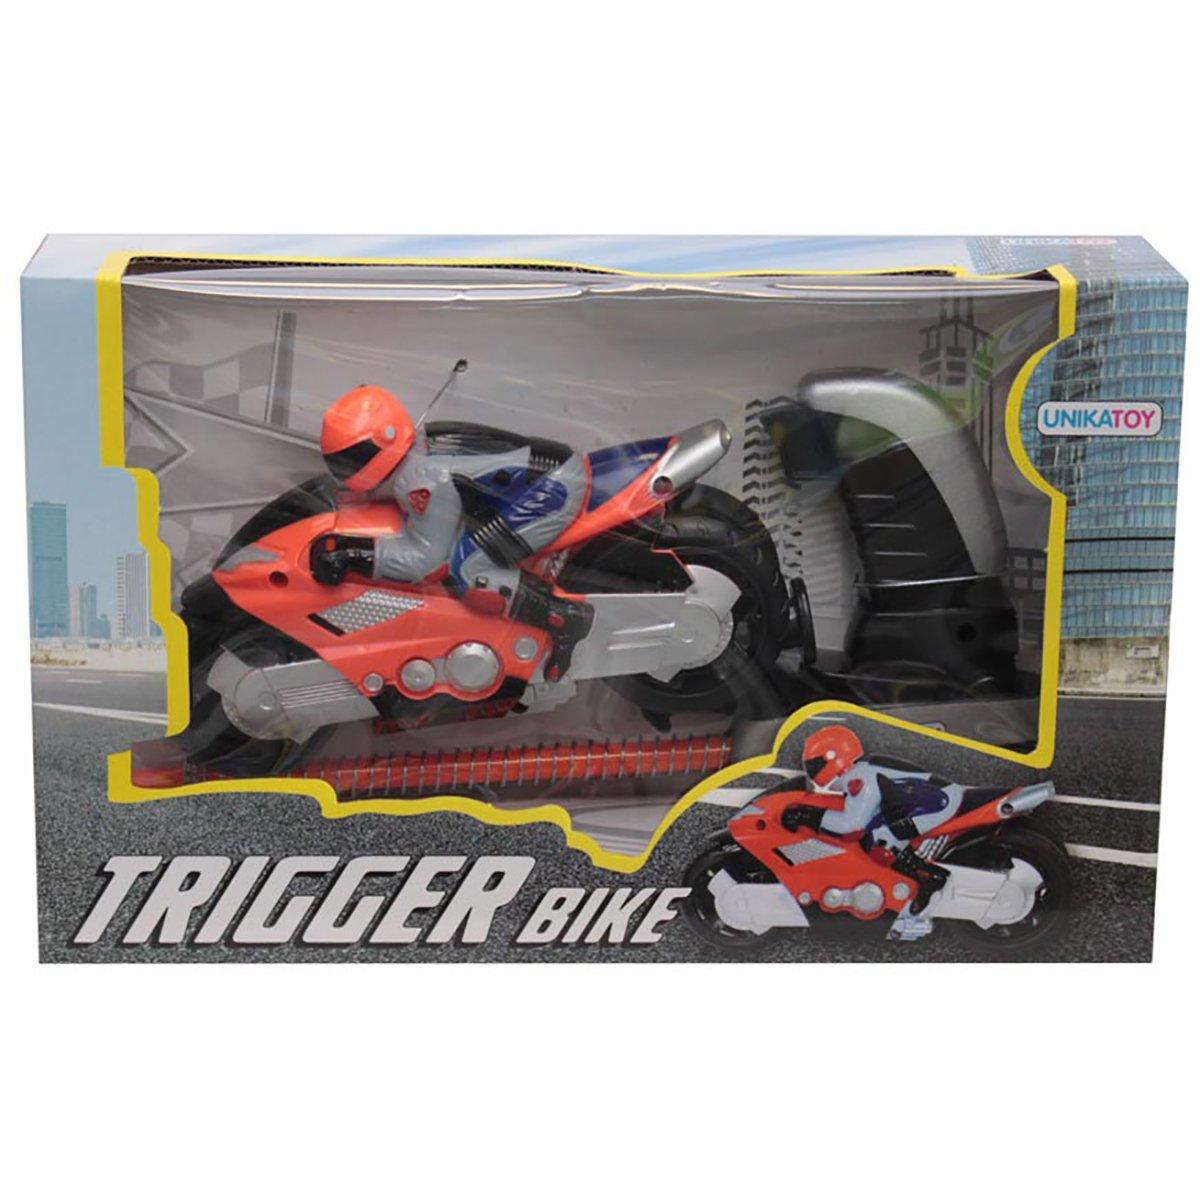 Motocicleta cu figurina si lansator Unika Toy, Portocaliu